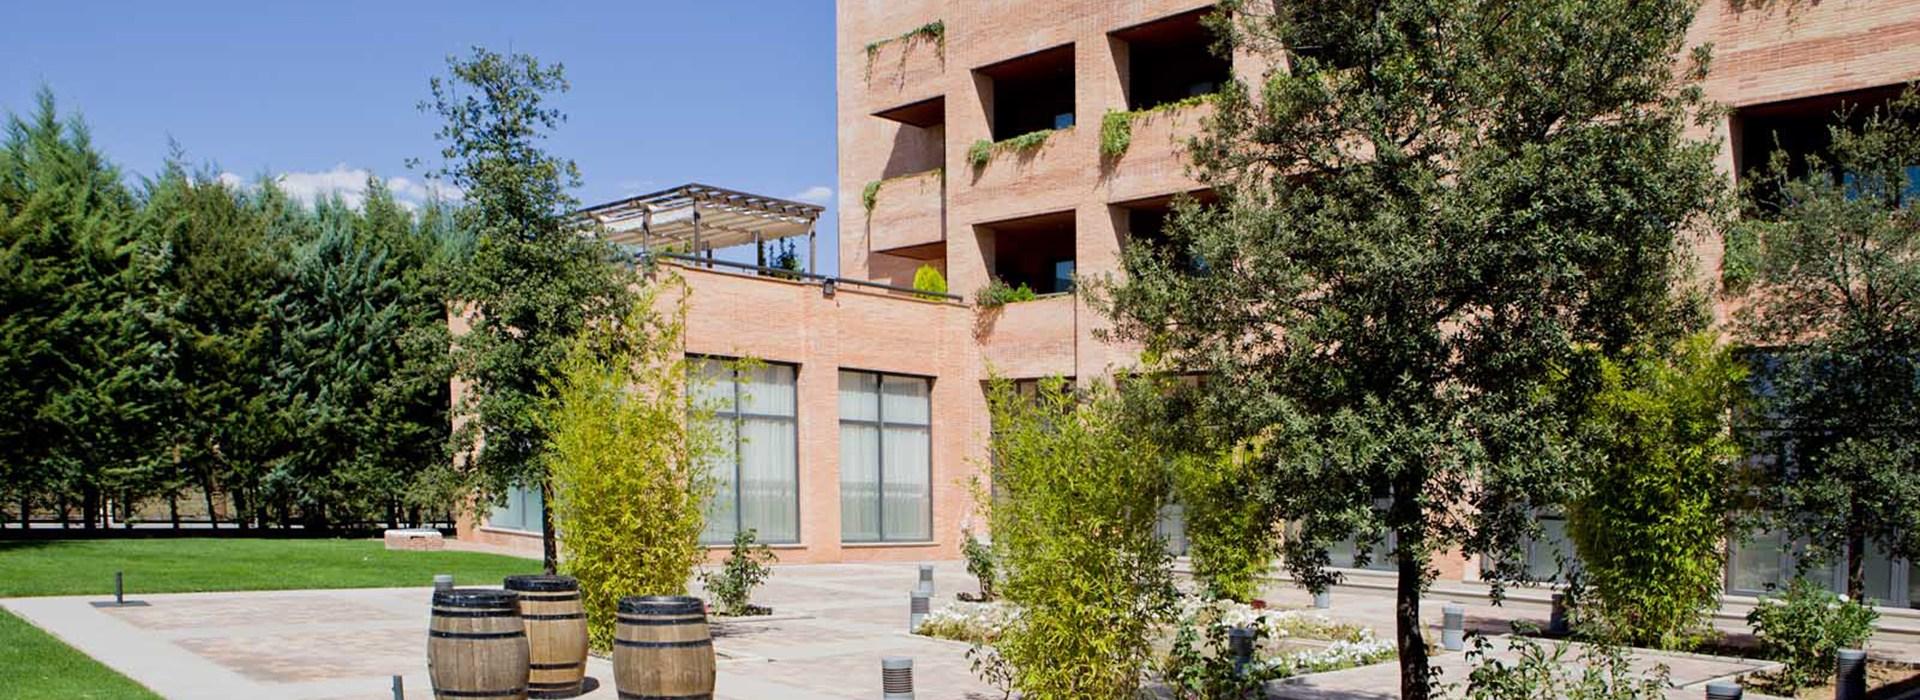 Auditoría energética en Castellón